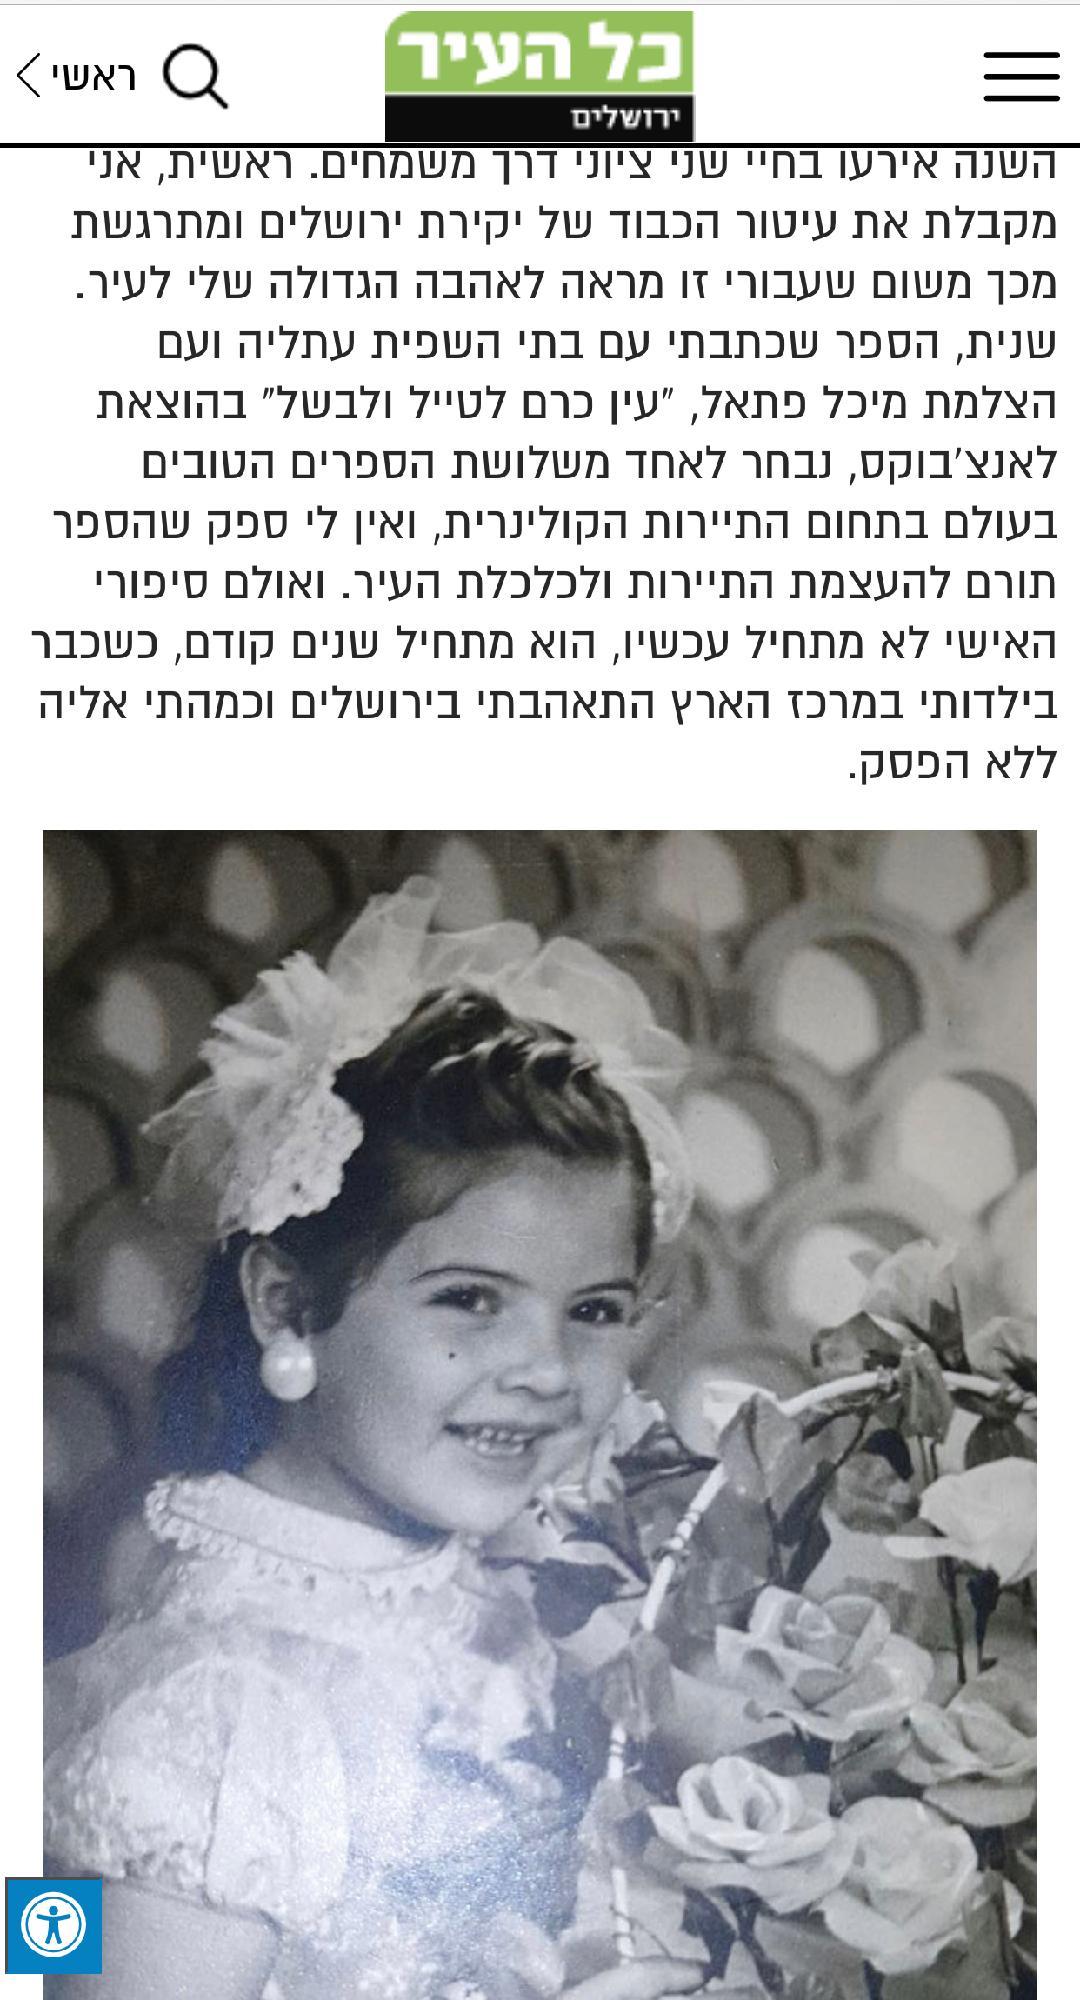 כל העיר ירושלים בכתבה על בעלת עיטור הכבוד יקירת העיר פנינה עין מור בעלת החברה המובילה בתחום סיורים בירושלים